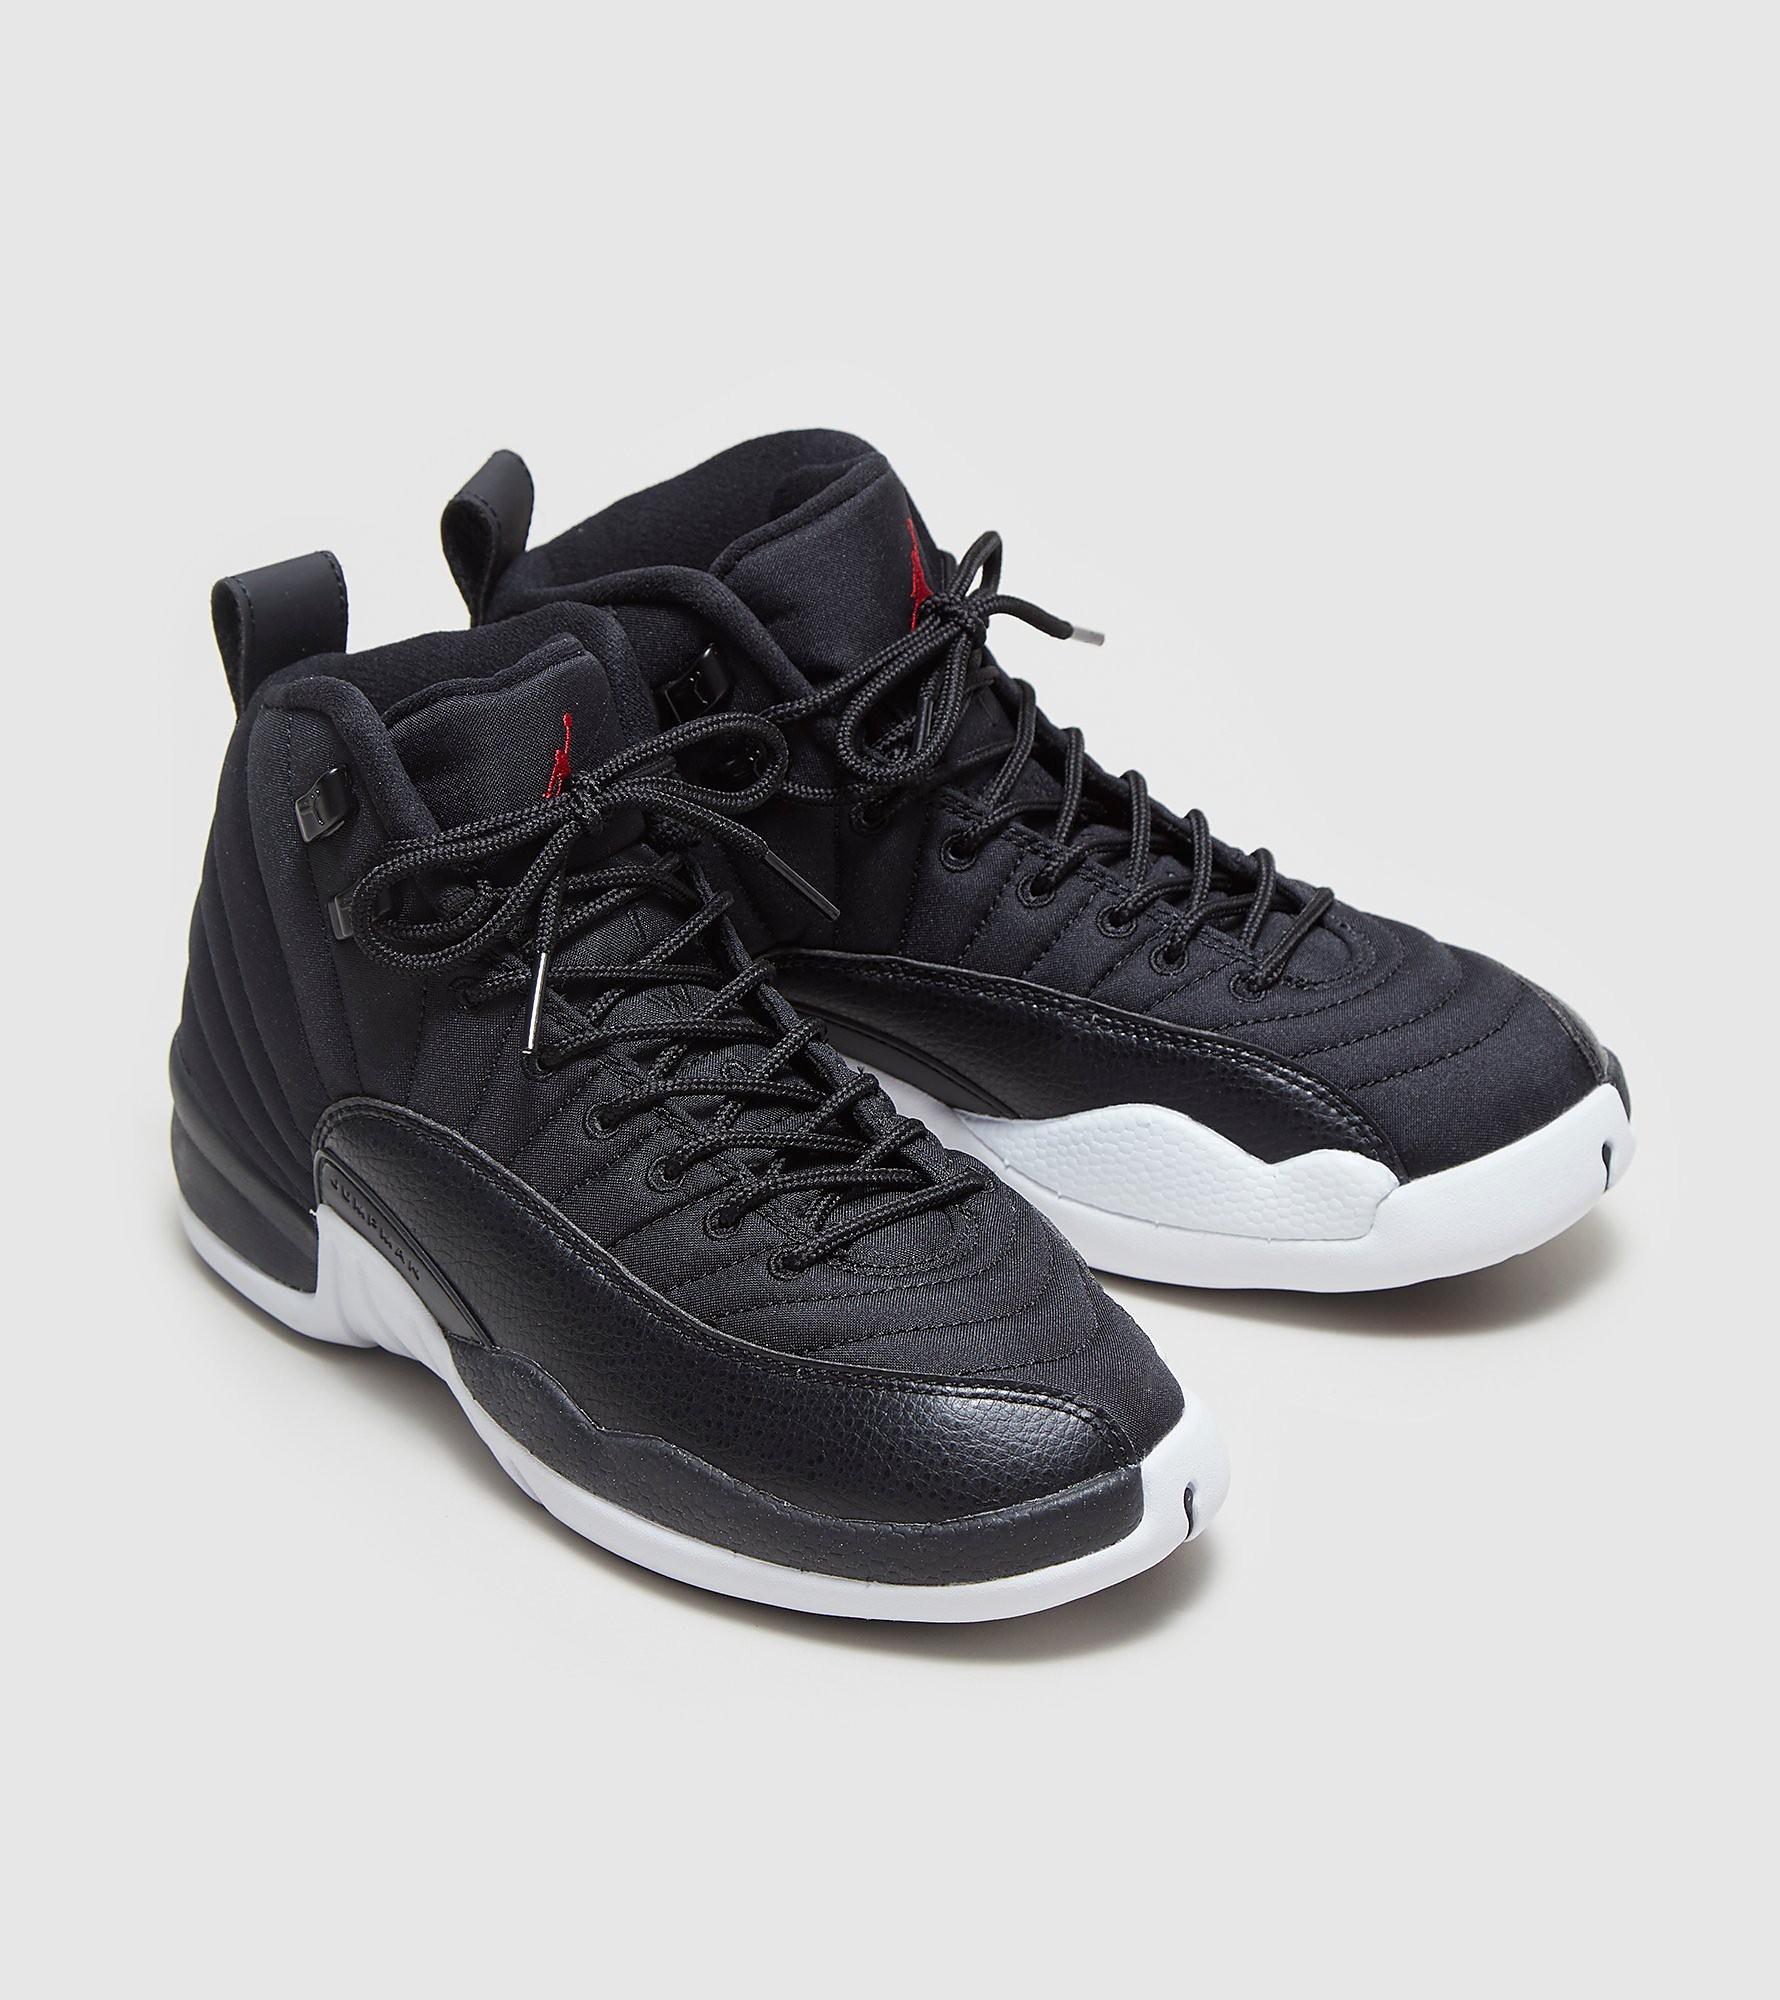 Jordan Air 12 Retro BG 'Black'